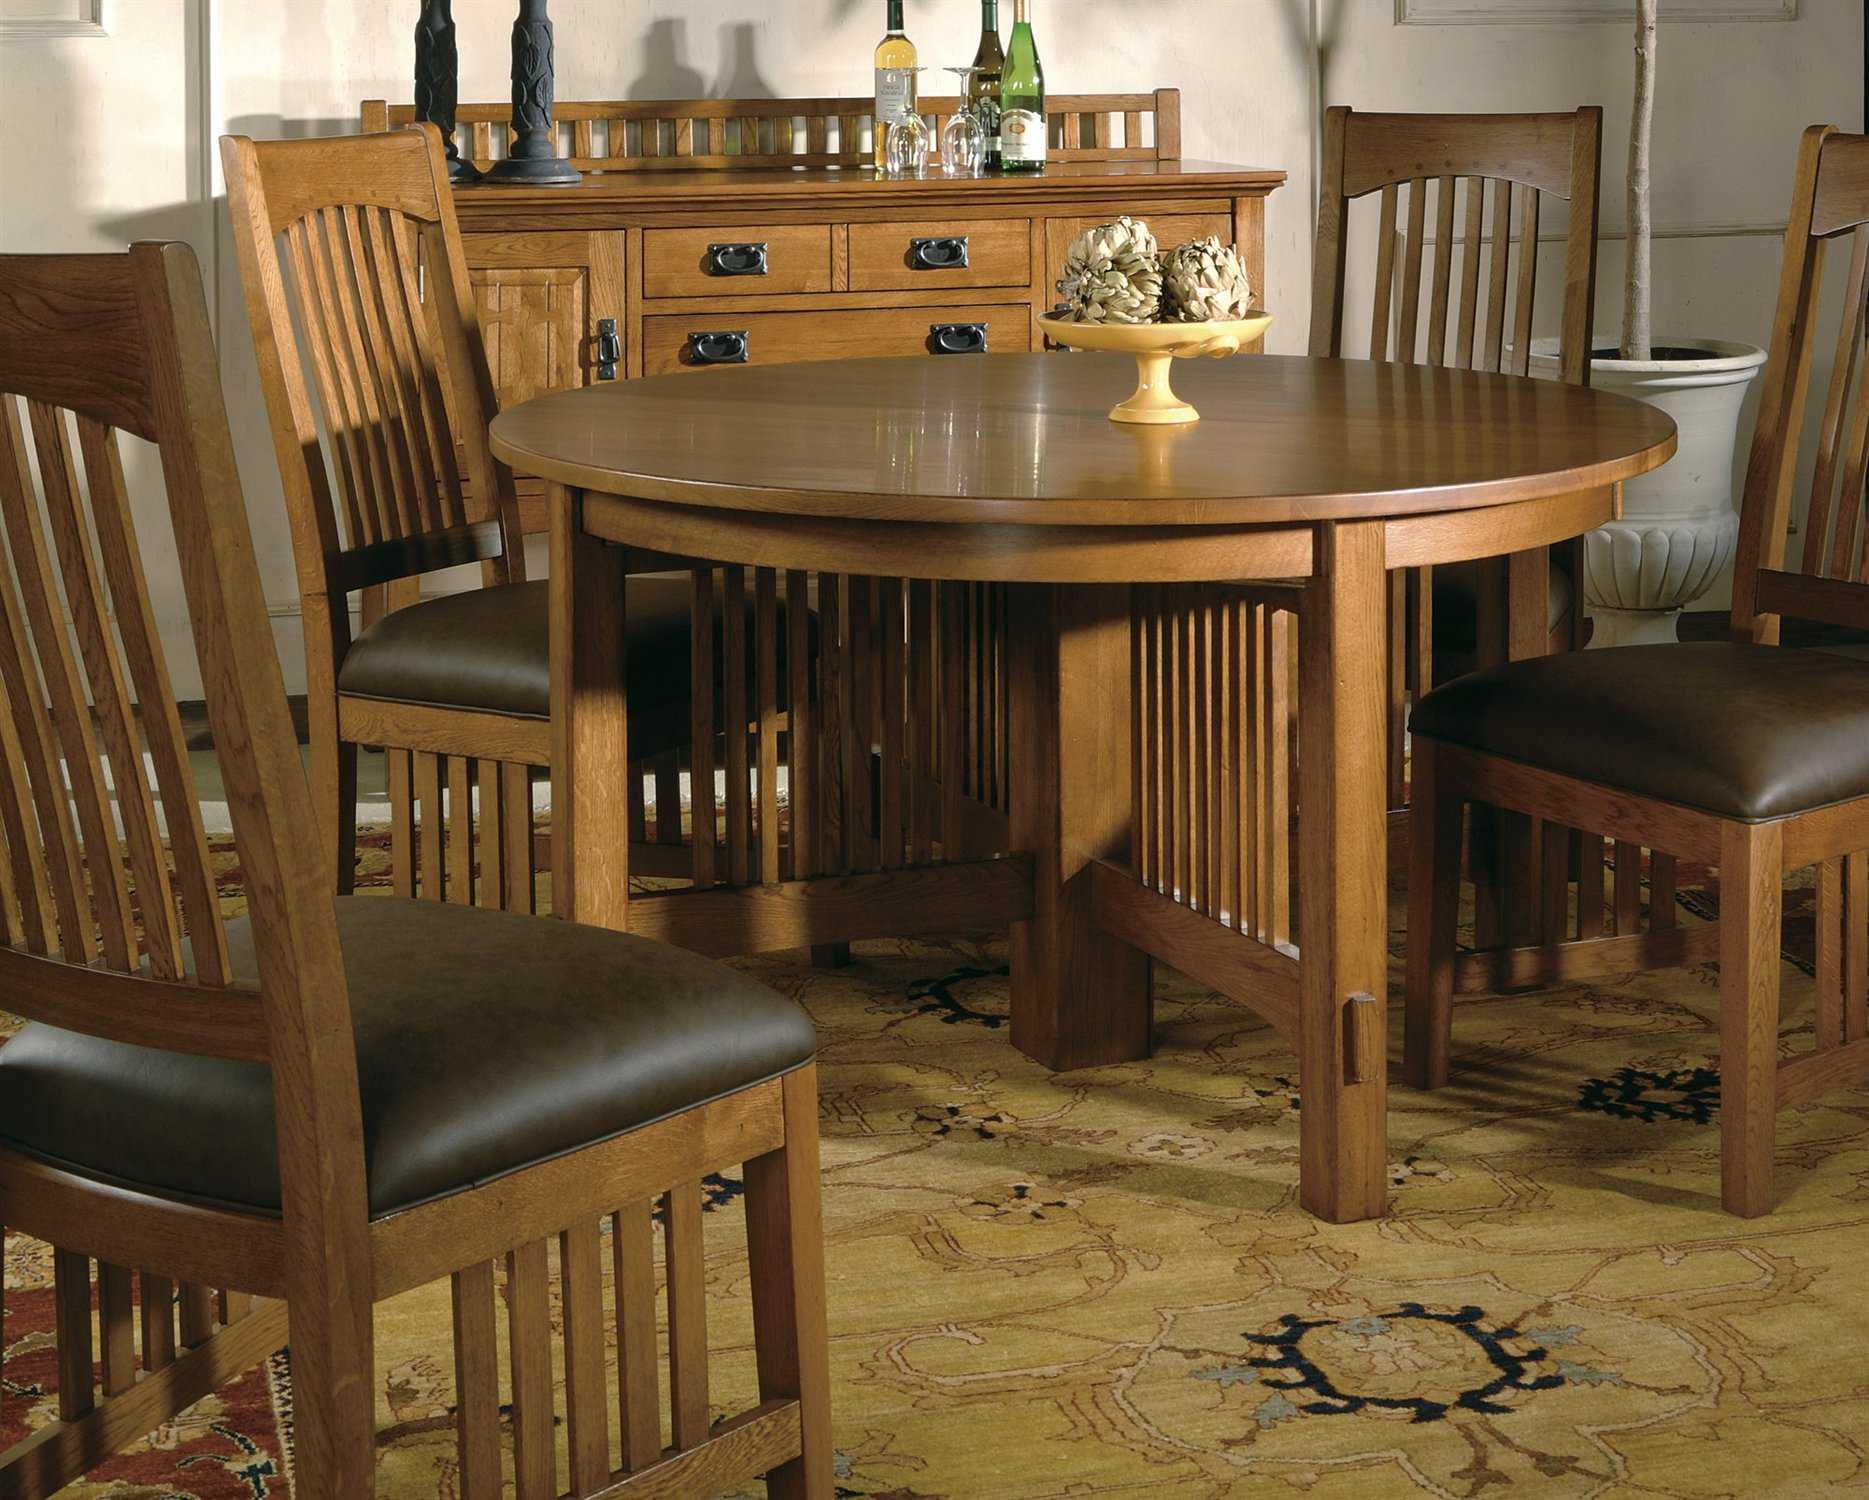 Hekman arts crafts 5 piece dining room set hk35624 for Arts and crafts dining room set